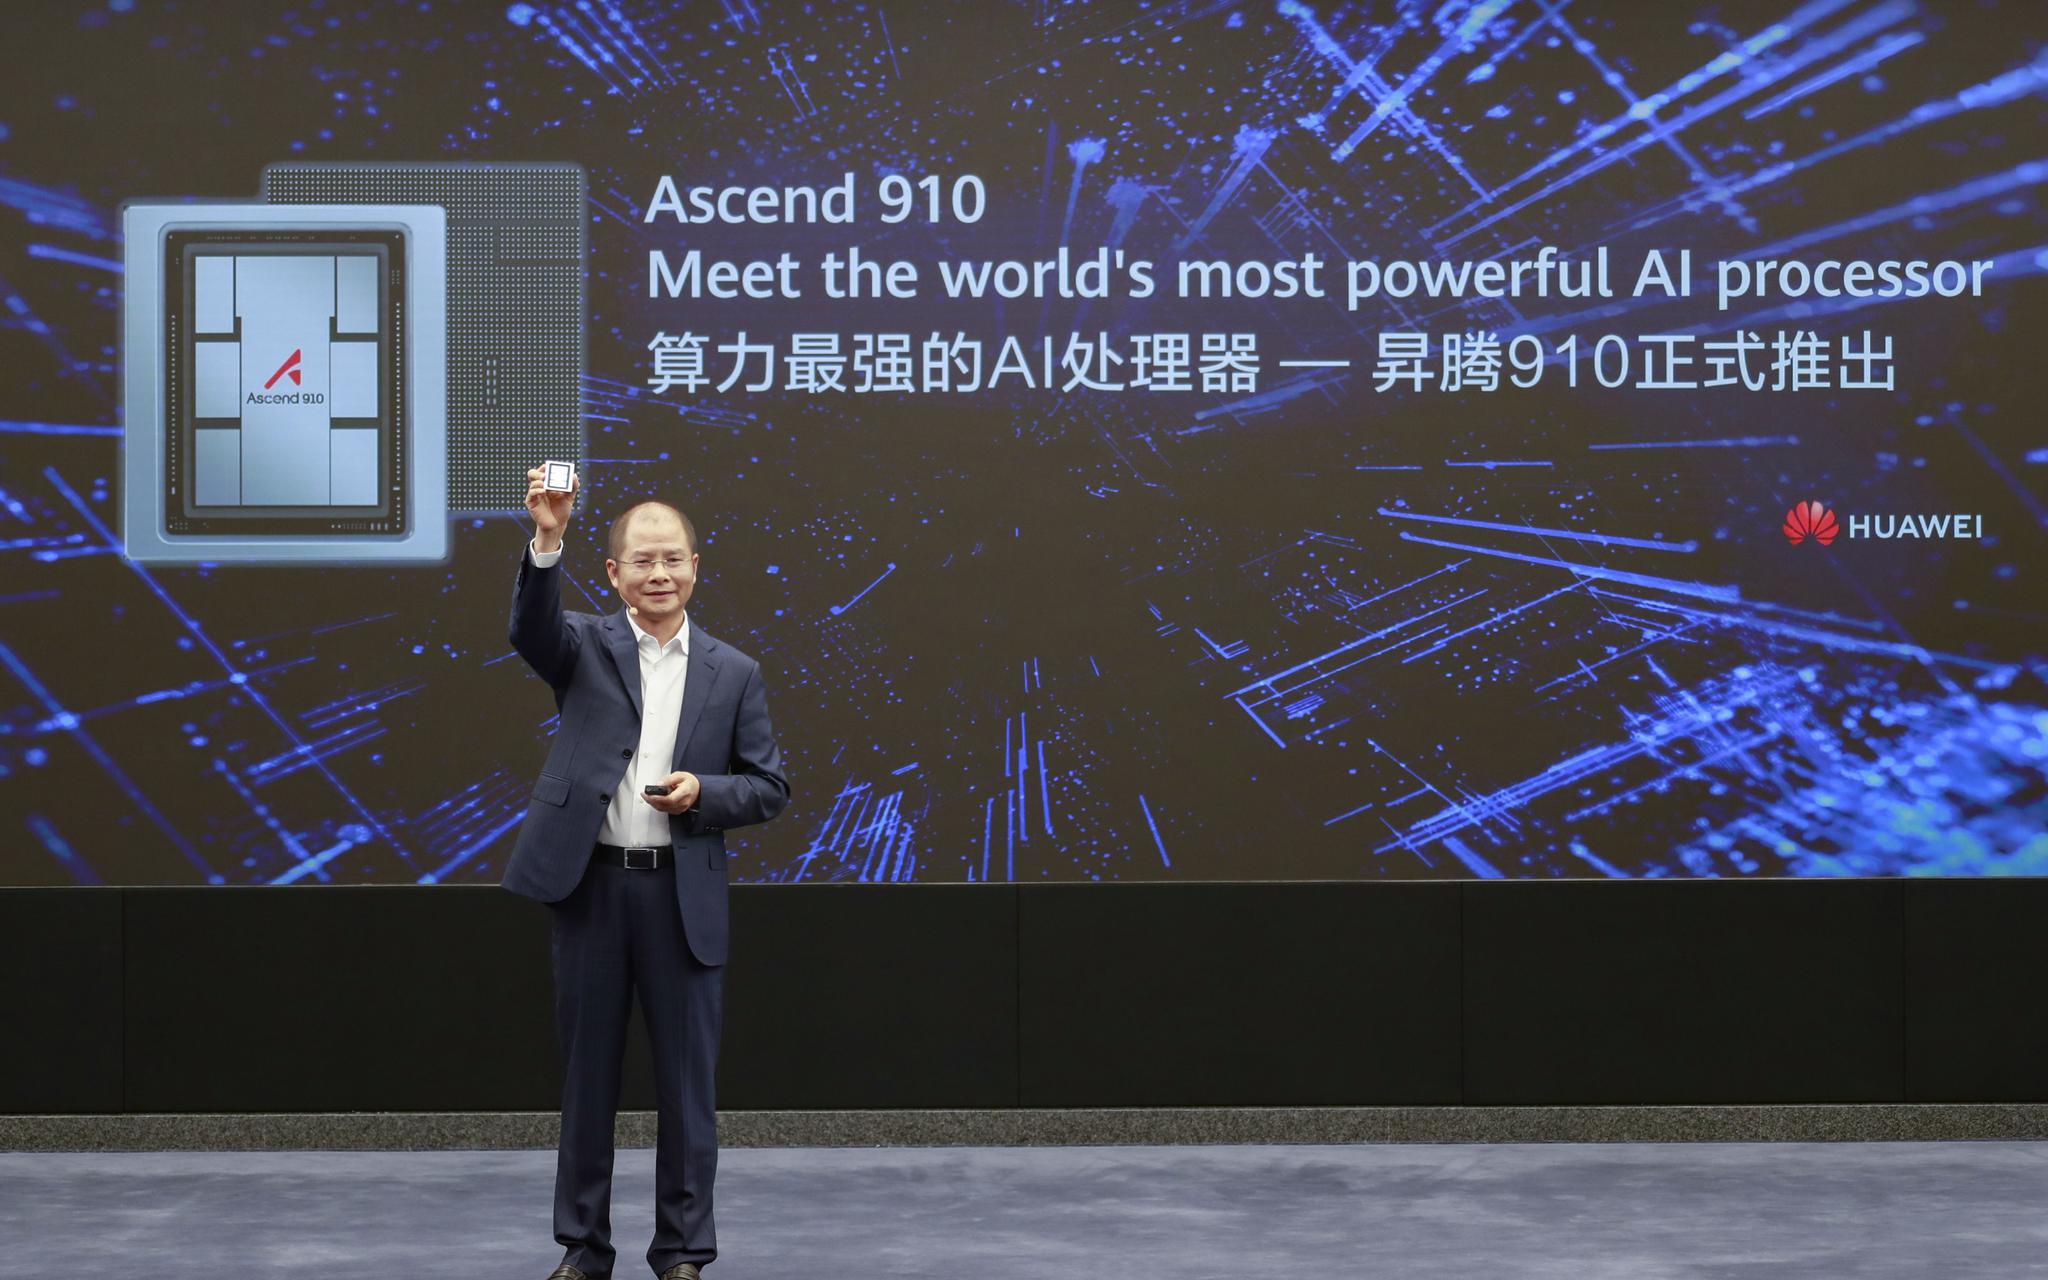 最快AI处理器昇腾910面世 今年已量产